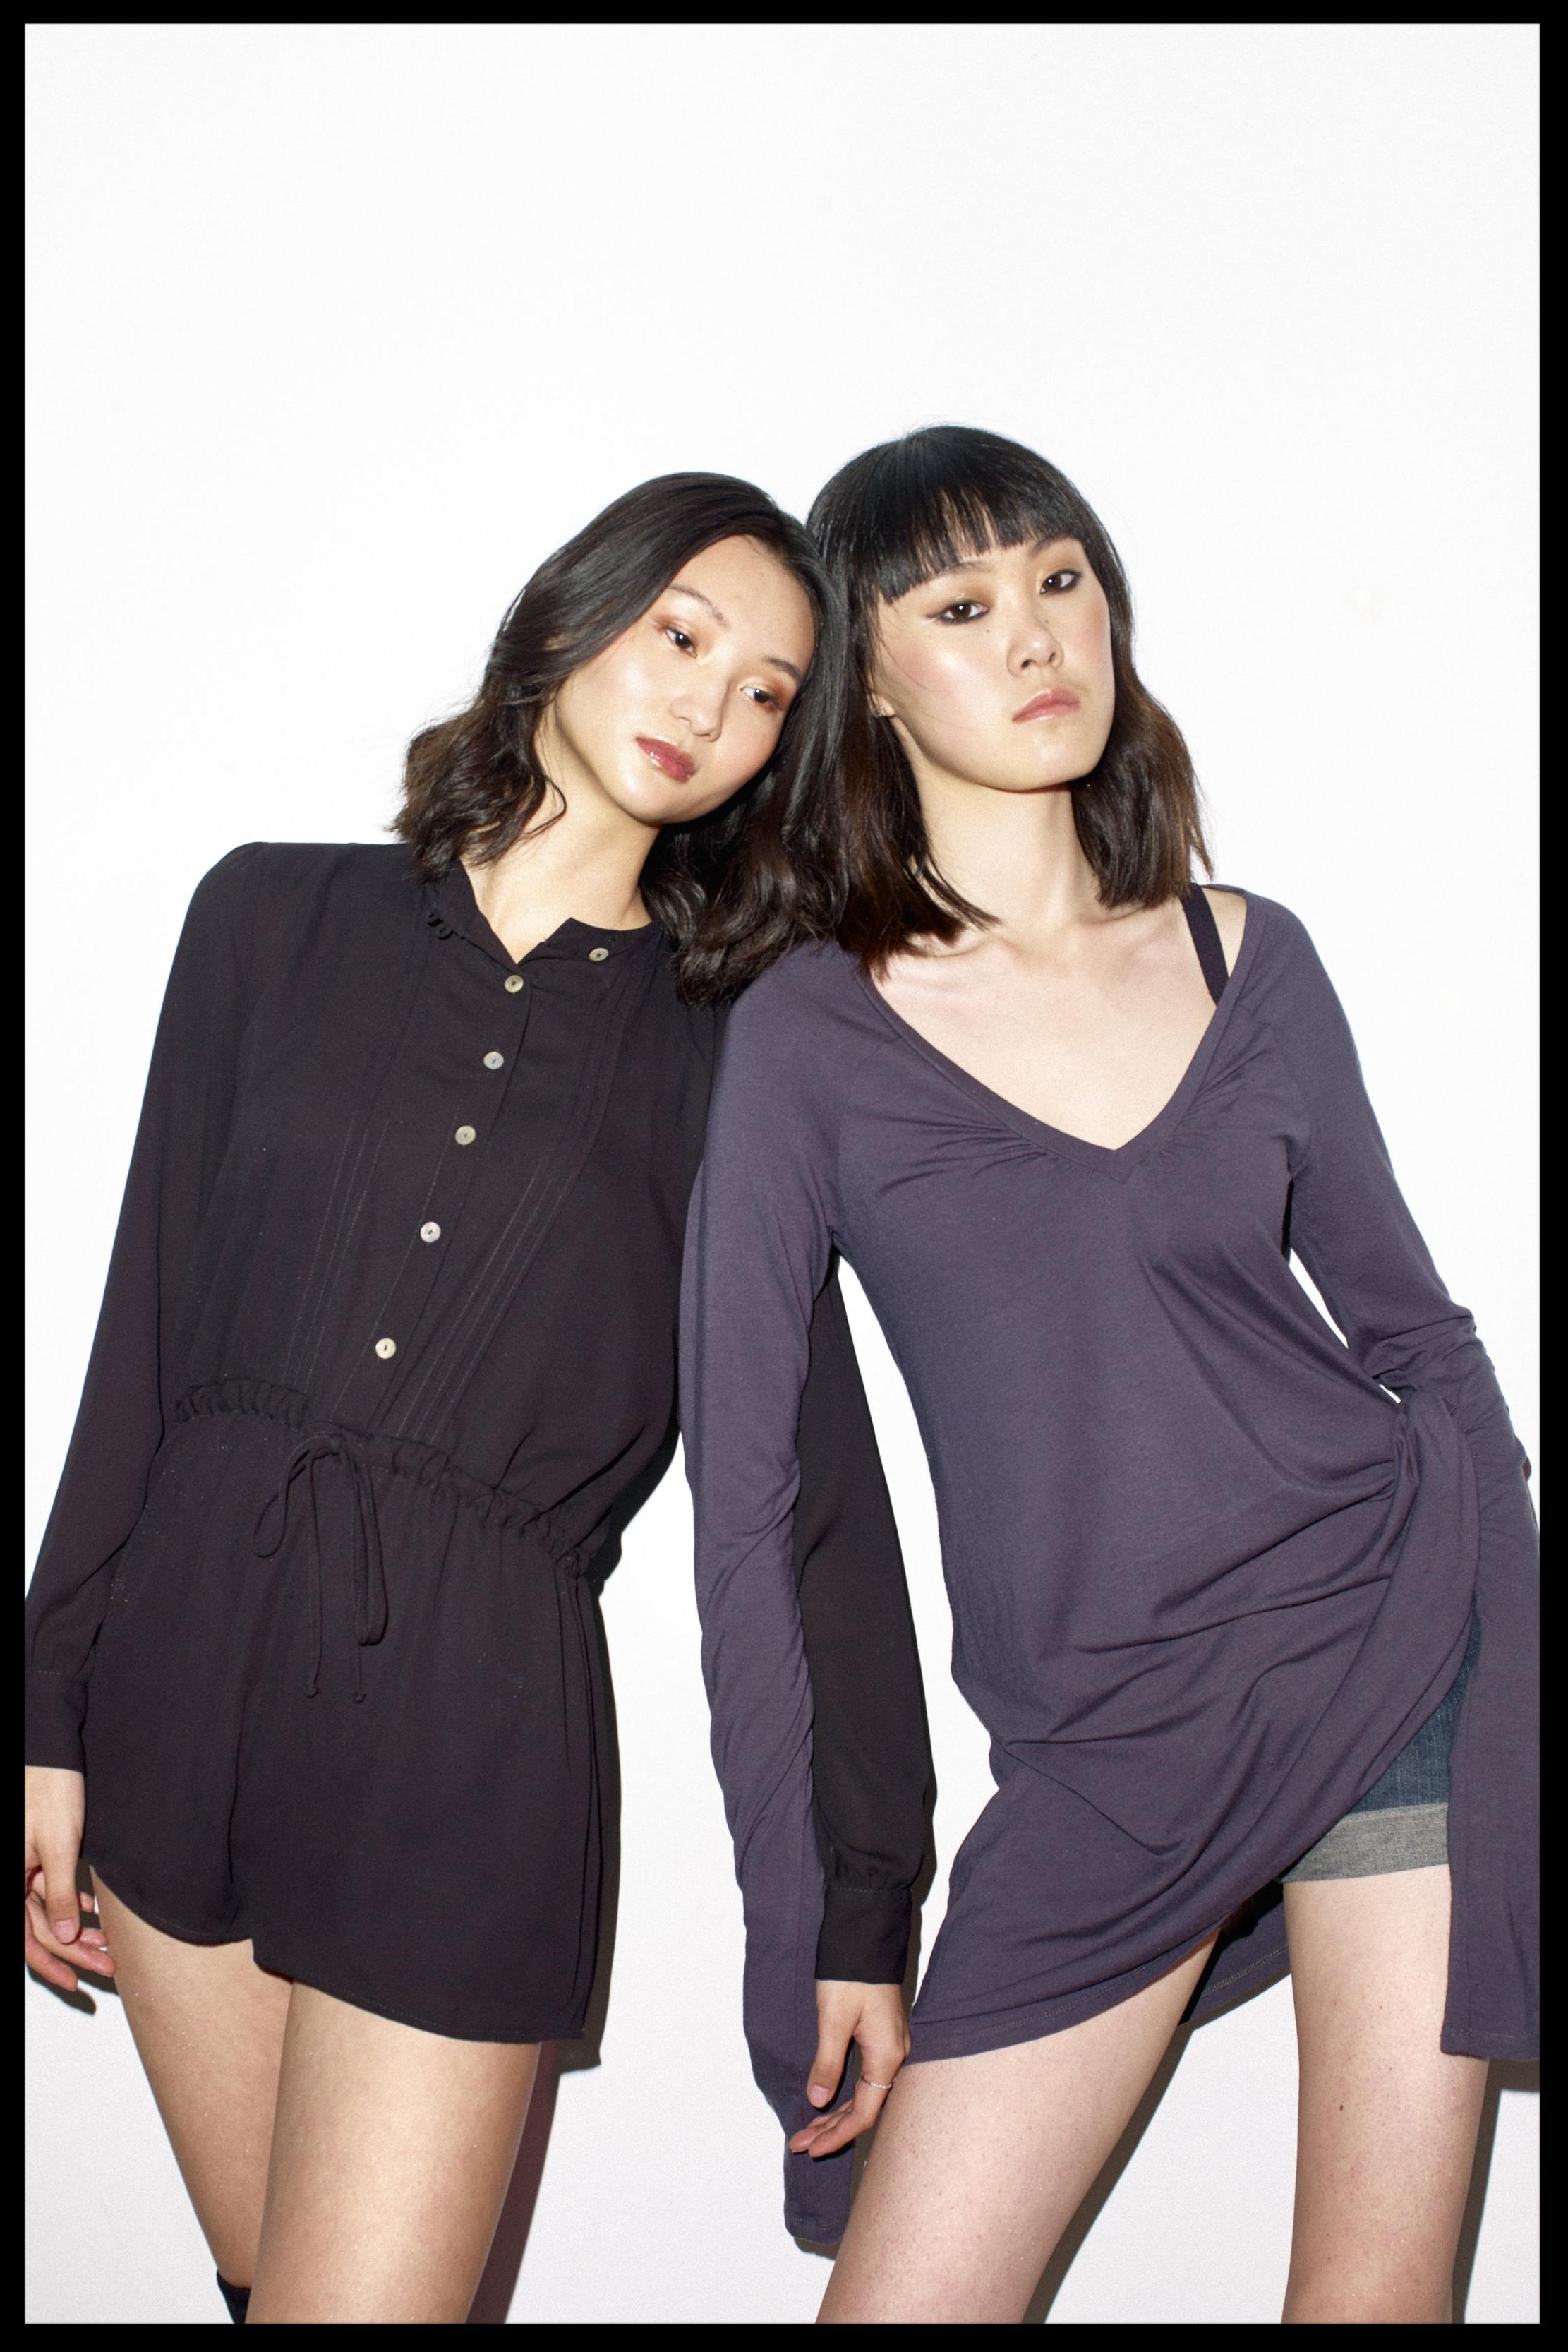 Alice and Freja for James Yang Bintang Models